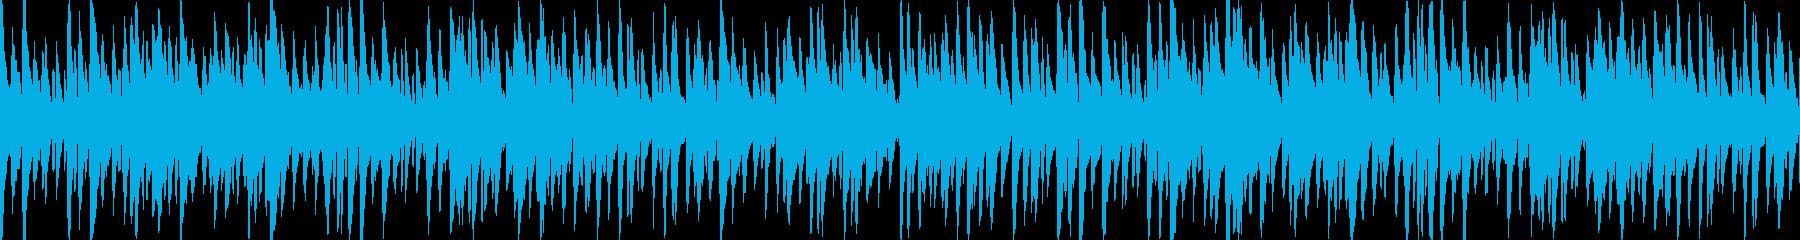 お洒落でキャッチーなジャズピアノトリオ3の再生済みの波形